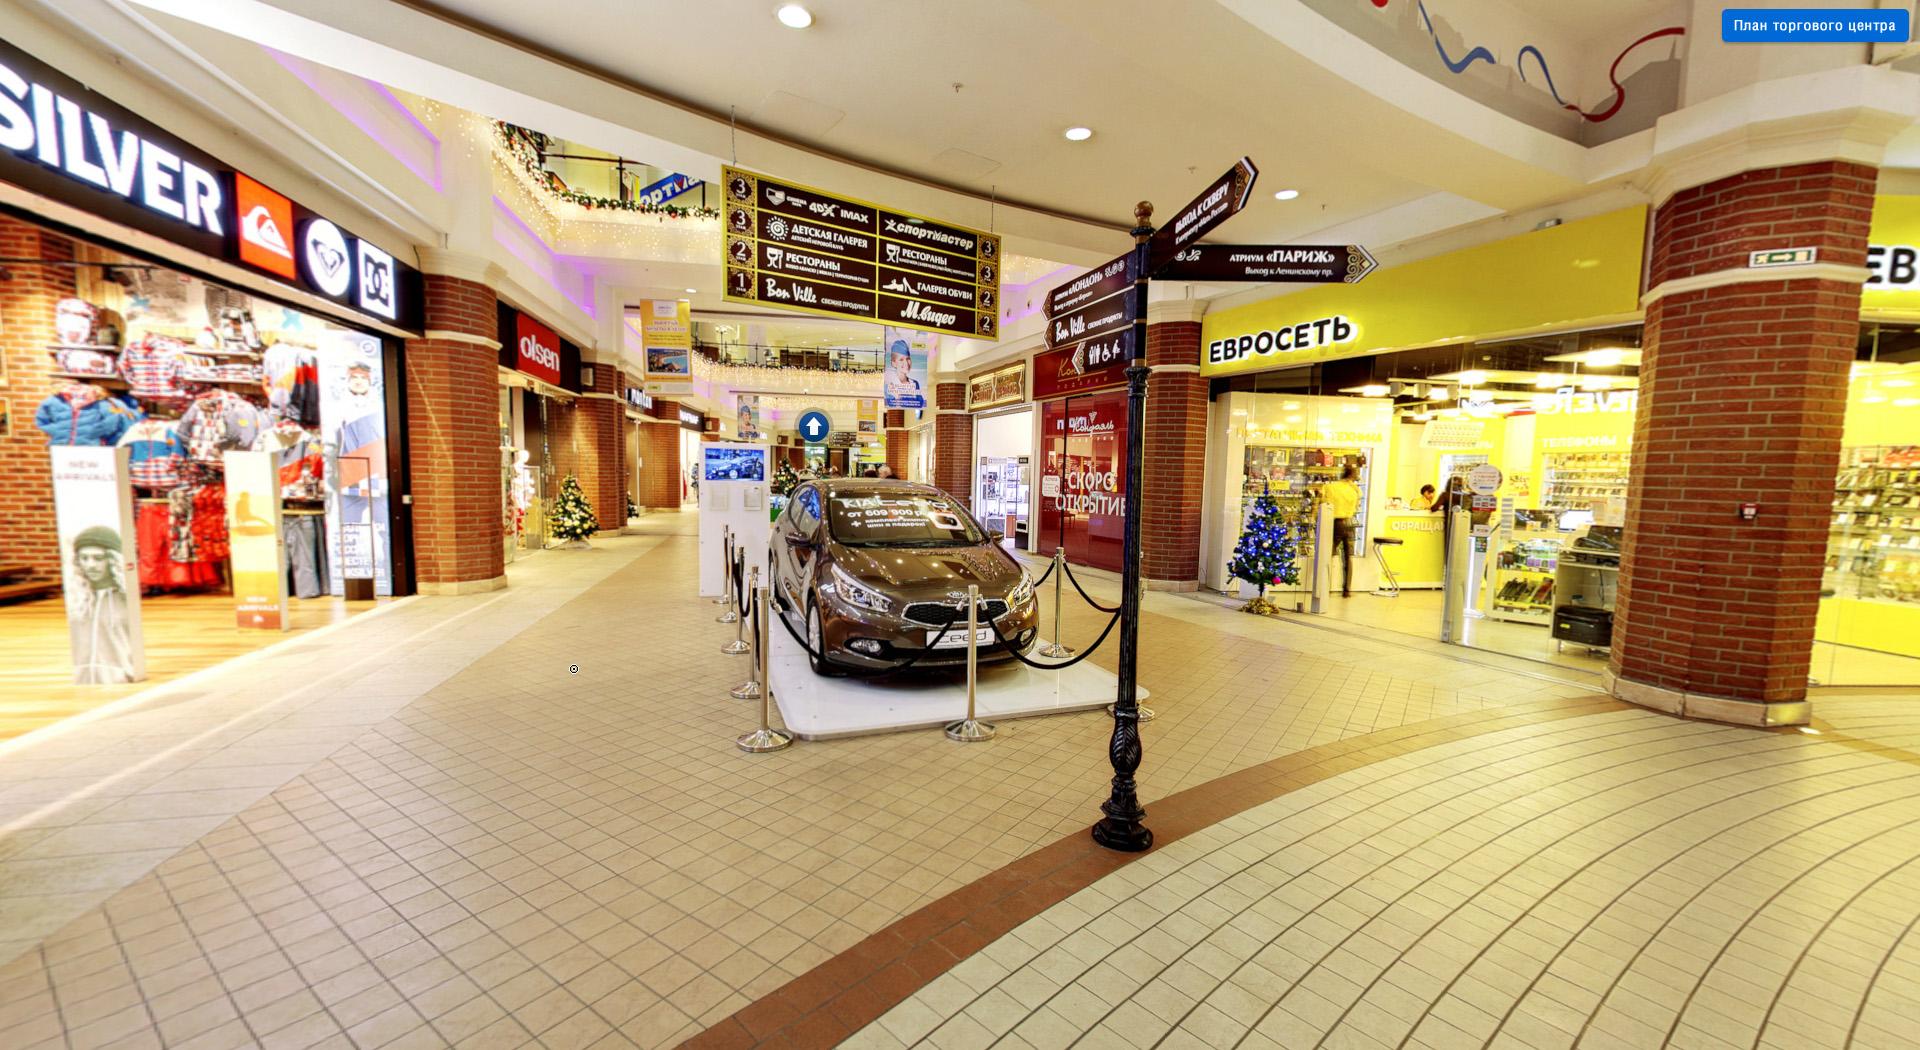 Проекты торговых центров – Проектирование и дизайн торговых центров eae26e76249